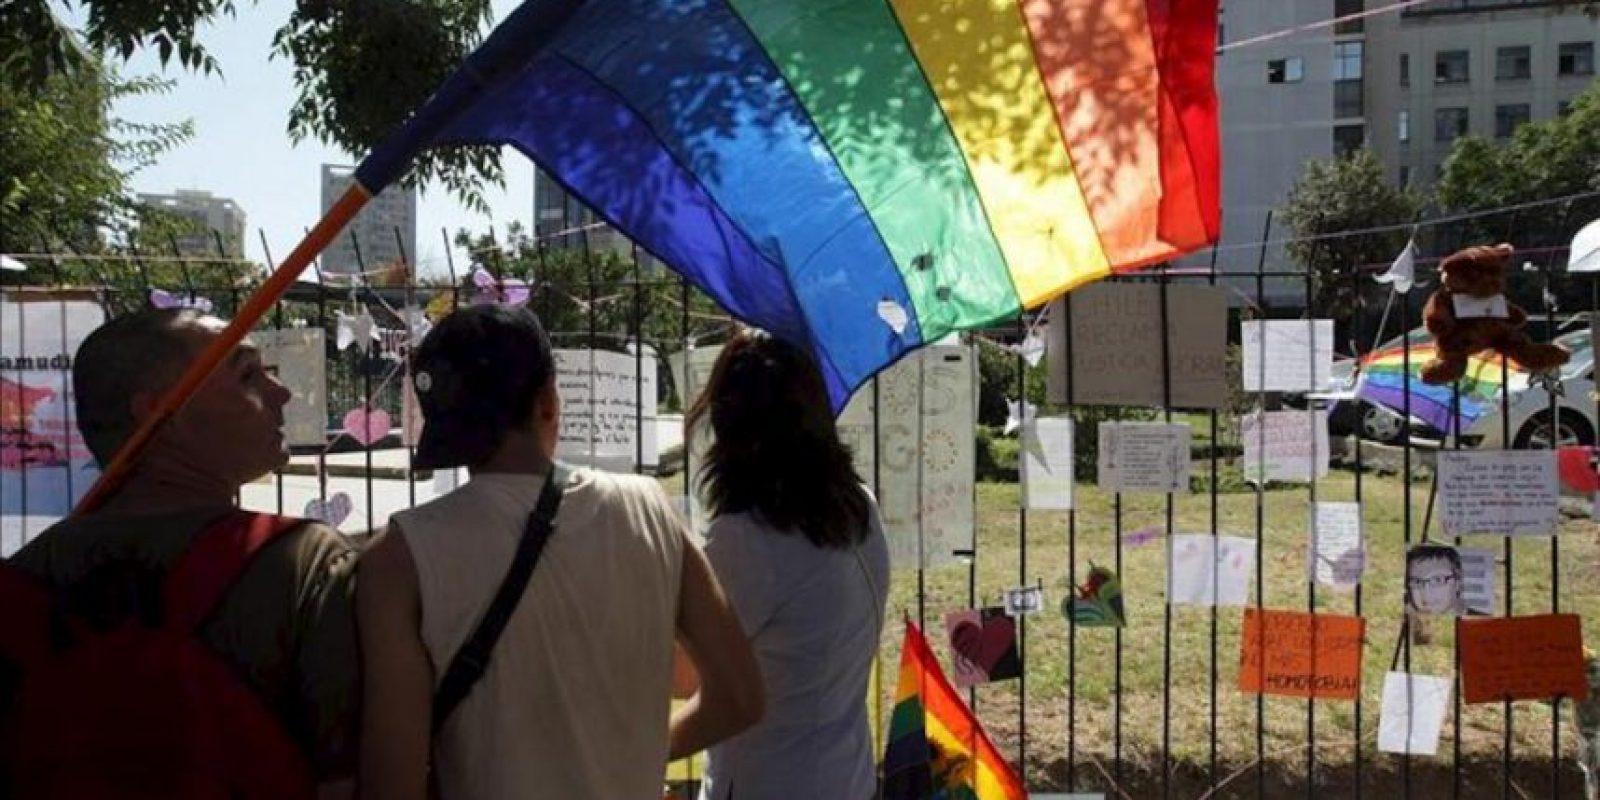 Una pareja homosexual observa los mensajes en las afueras de la Posta Central, el principal hospital de urgencias de Santiago (Chile), donde este martes murió Daniel Zamudio, 25 días después de ser agredido por un grupo de presuntos neonazis, debido a su condición de homosexual, lo que generó una amplia ola de repudio en el país. EFE